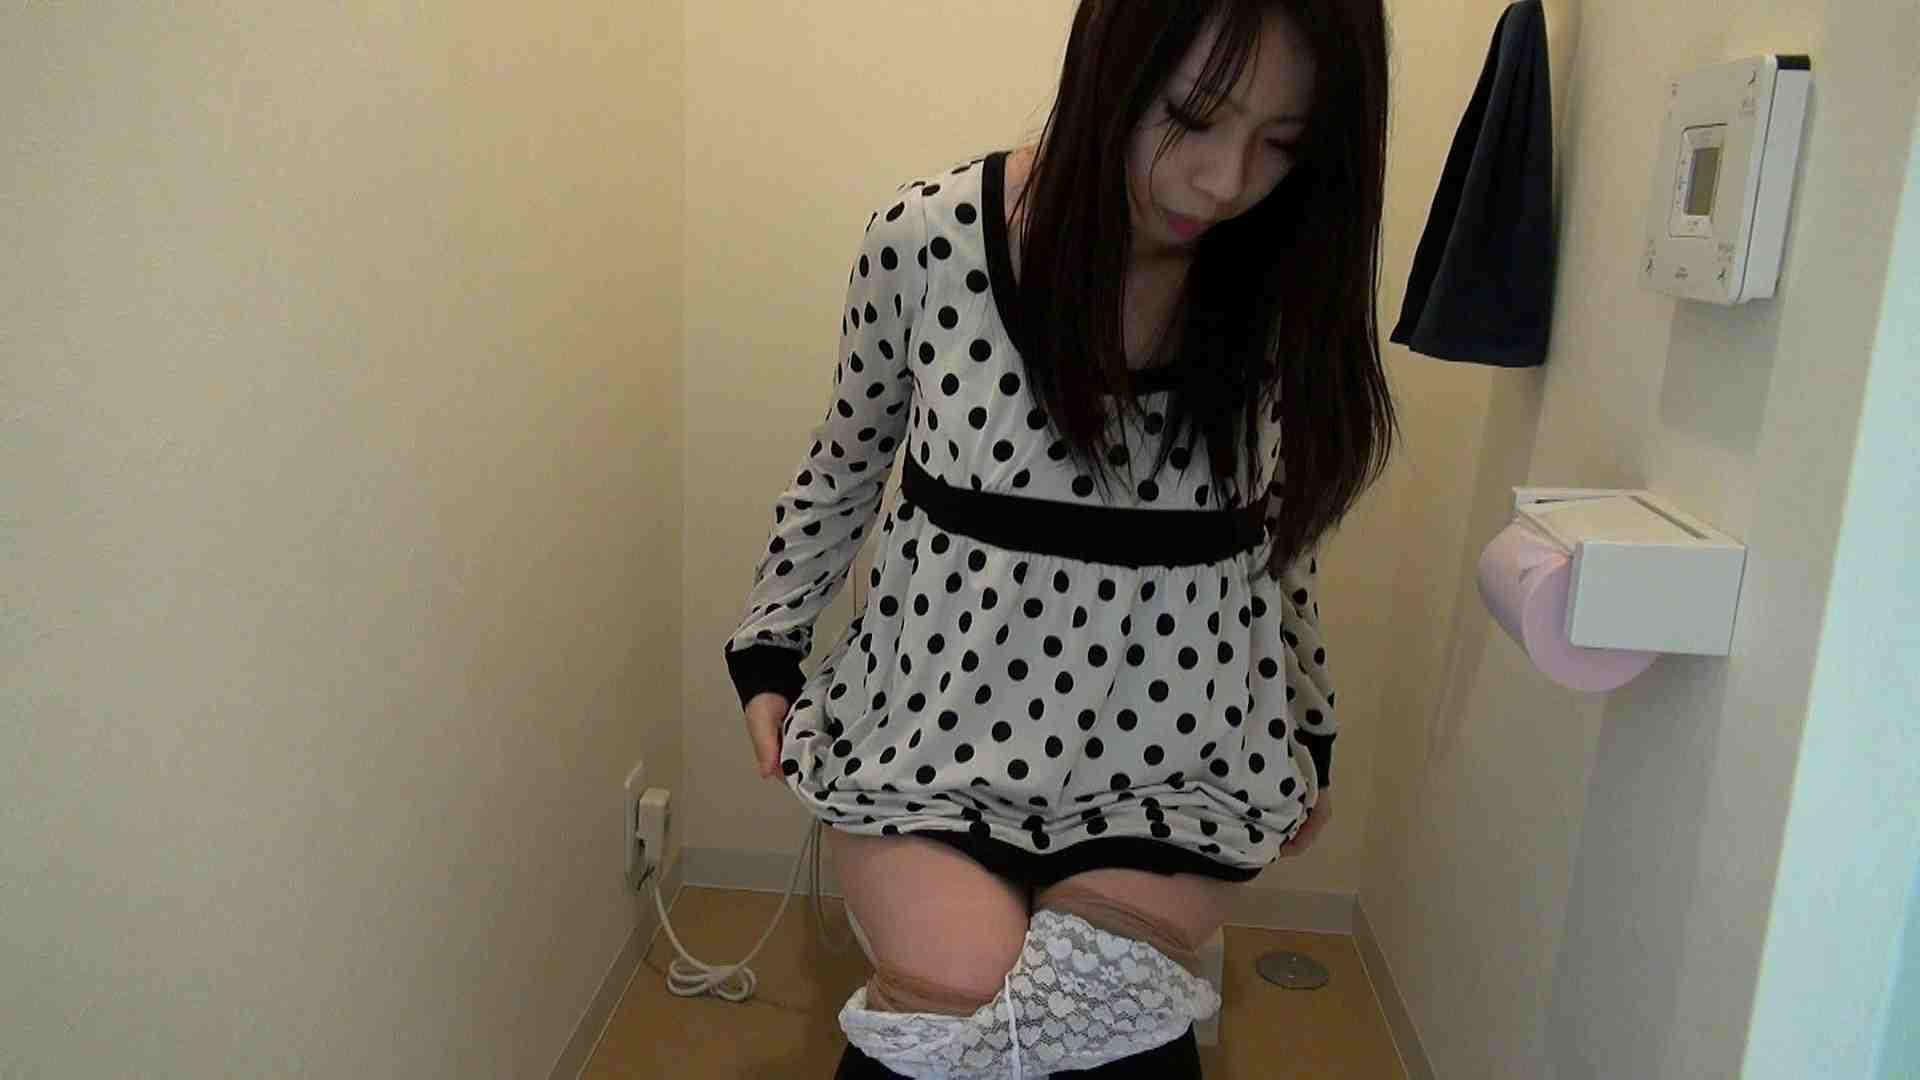 志穂さんにお手洗いに行ってもらいましょう ドキュメント | 0  87画像 18